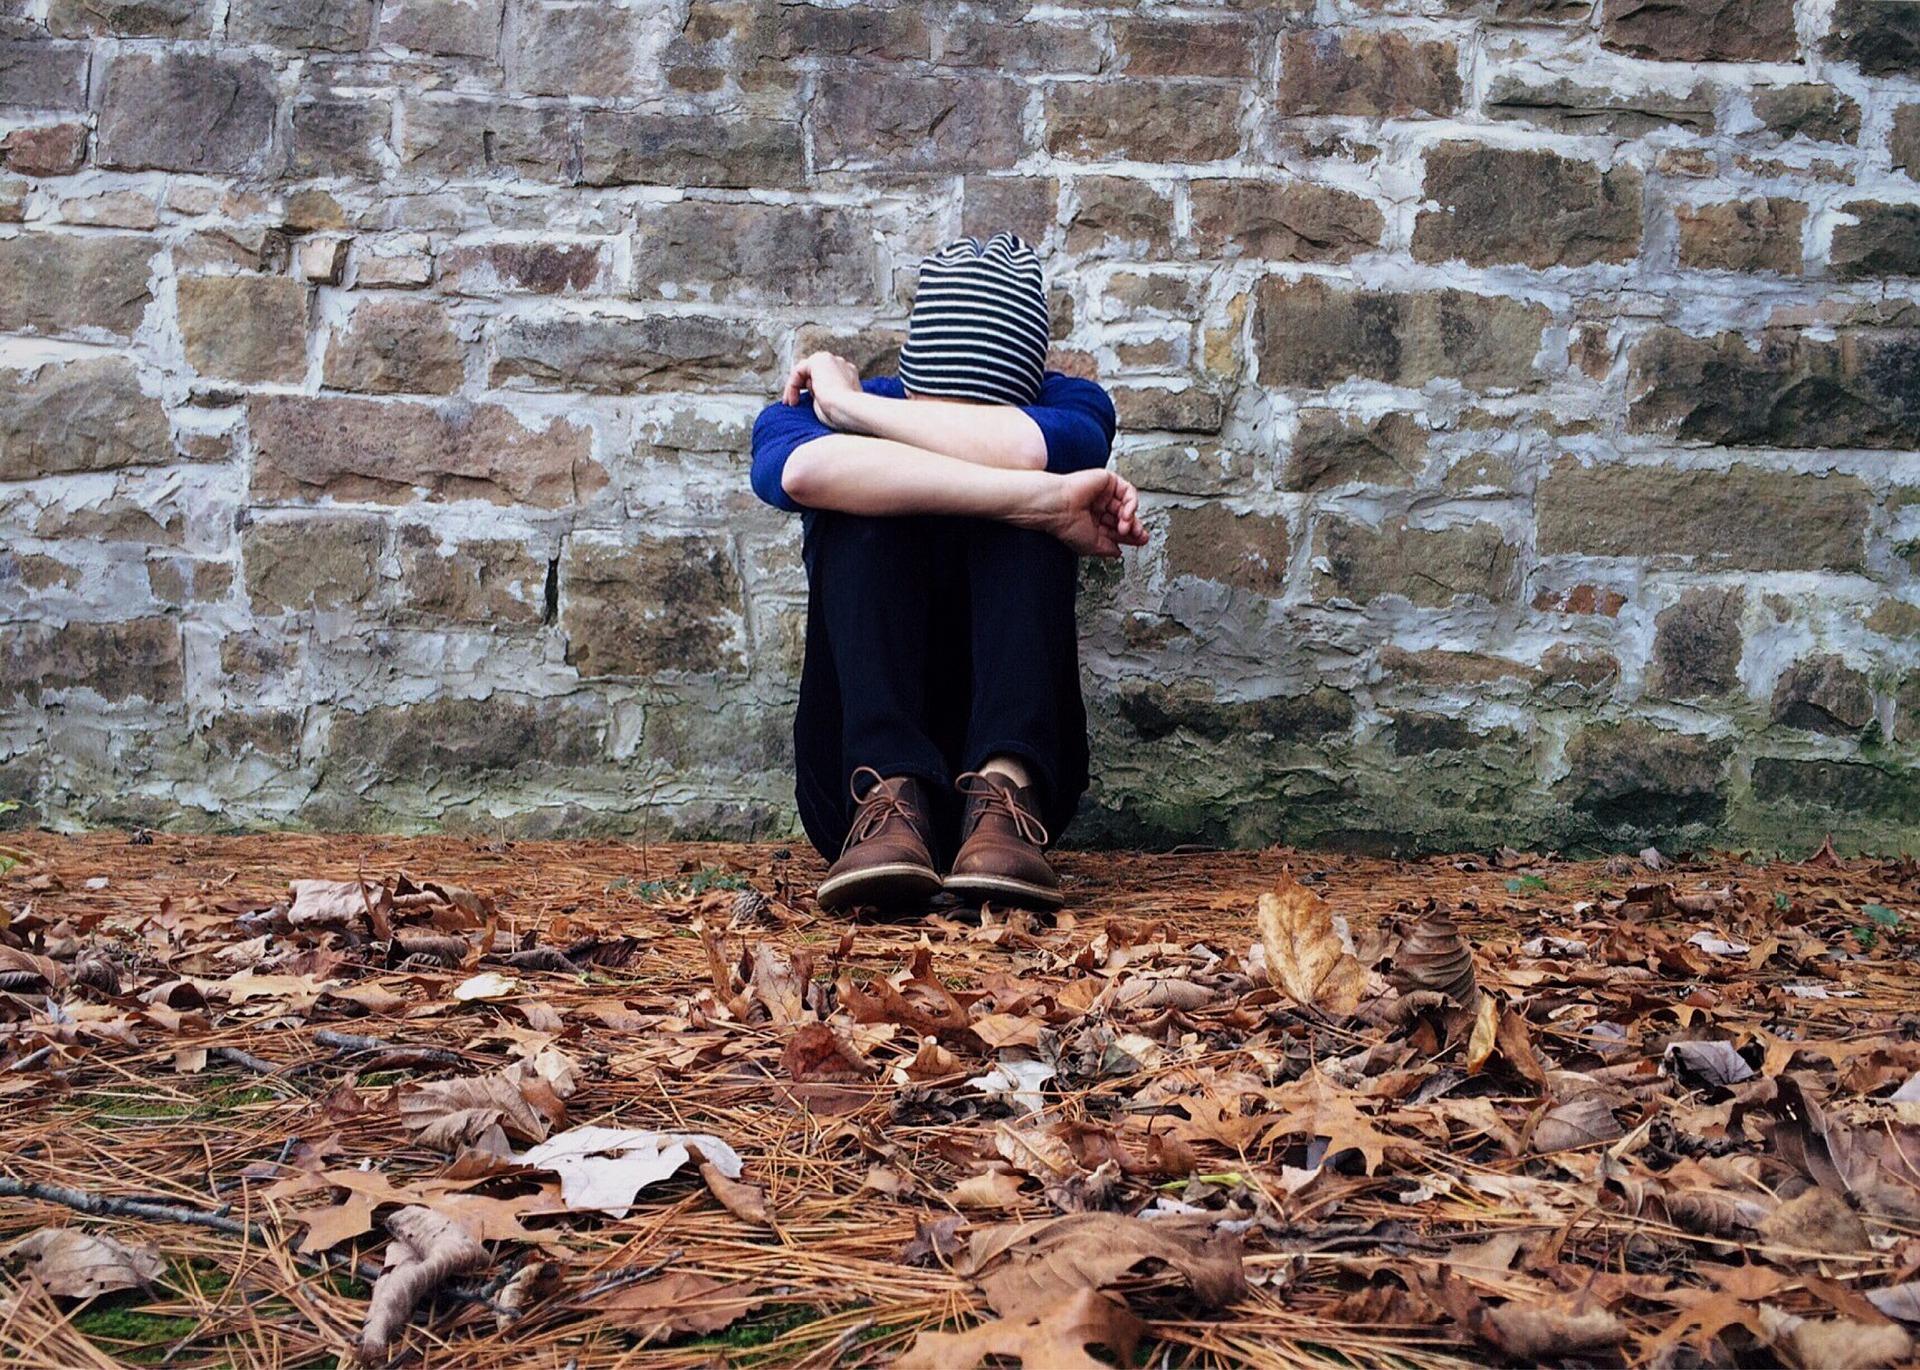 pourquoi consulter un psychothérapeute, soigner déprime et dépression, traiter dépression nerveuse, comment s'en sortir, se motiver, aller mieux, comment ne plus être angoissé, gérer les crises d'angoisse. Se calmer, se soigner, se débarrasser, comment calmer une crise d'angoisse, anxiété sociale, timidité, sortir de la dépression, se débarrasser d'une addiction